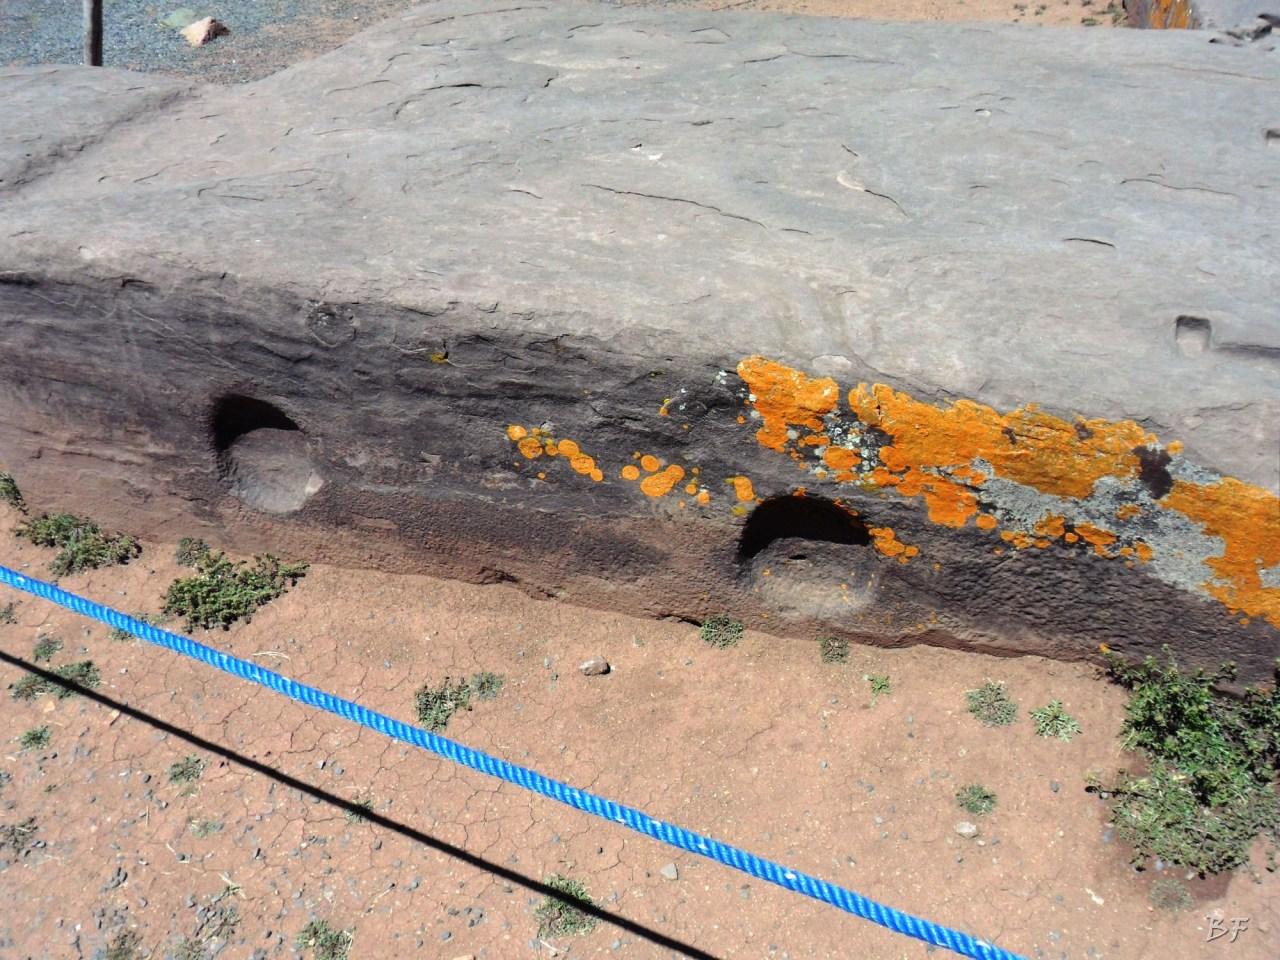 Puma-Punku-Area-Megalitica-Mura-Poligonali-Megaliti-Tiwanaku-Tiahuanaco-Bolivia-1